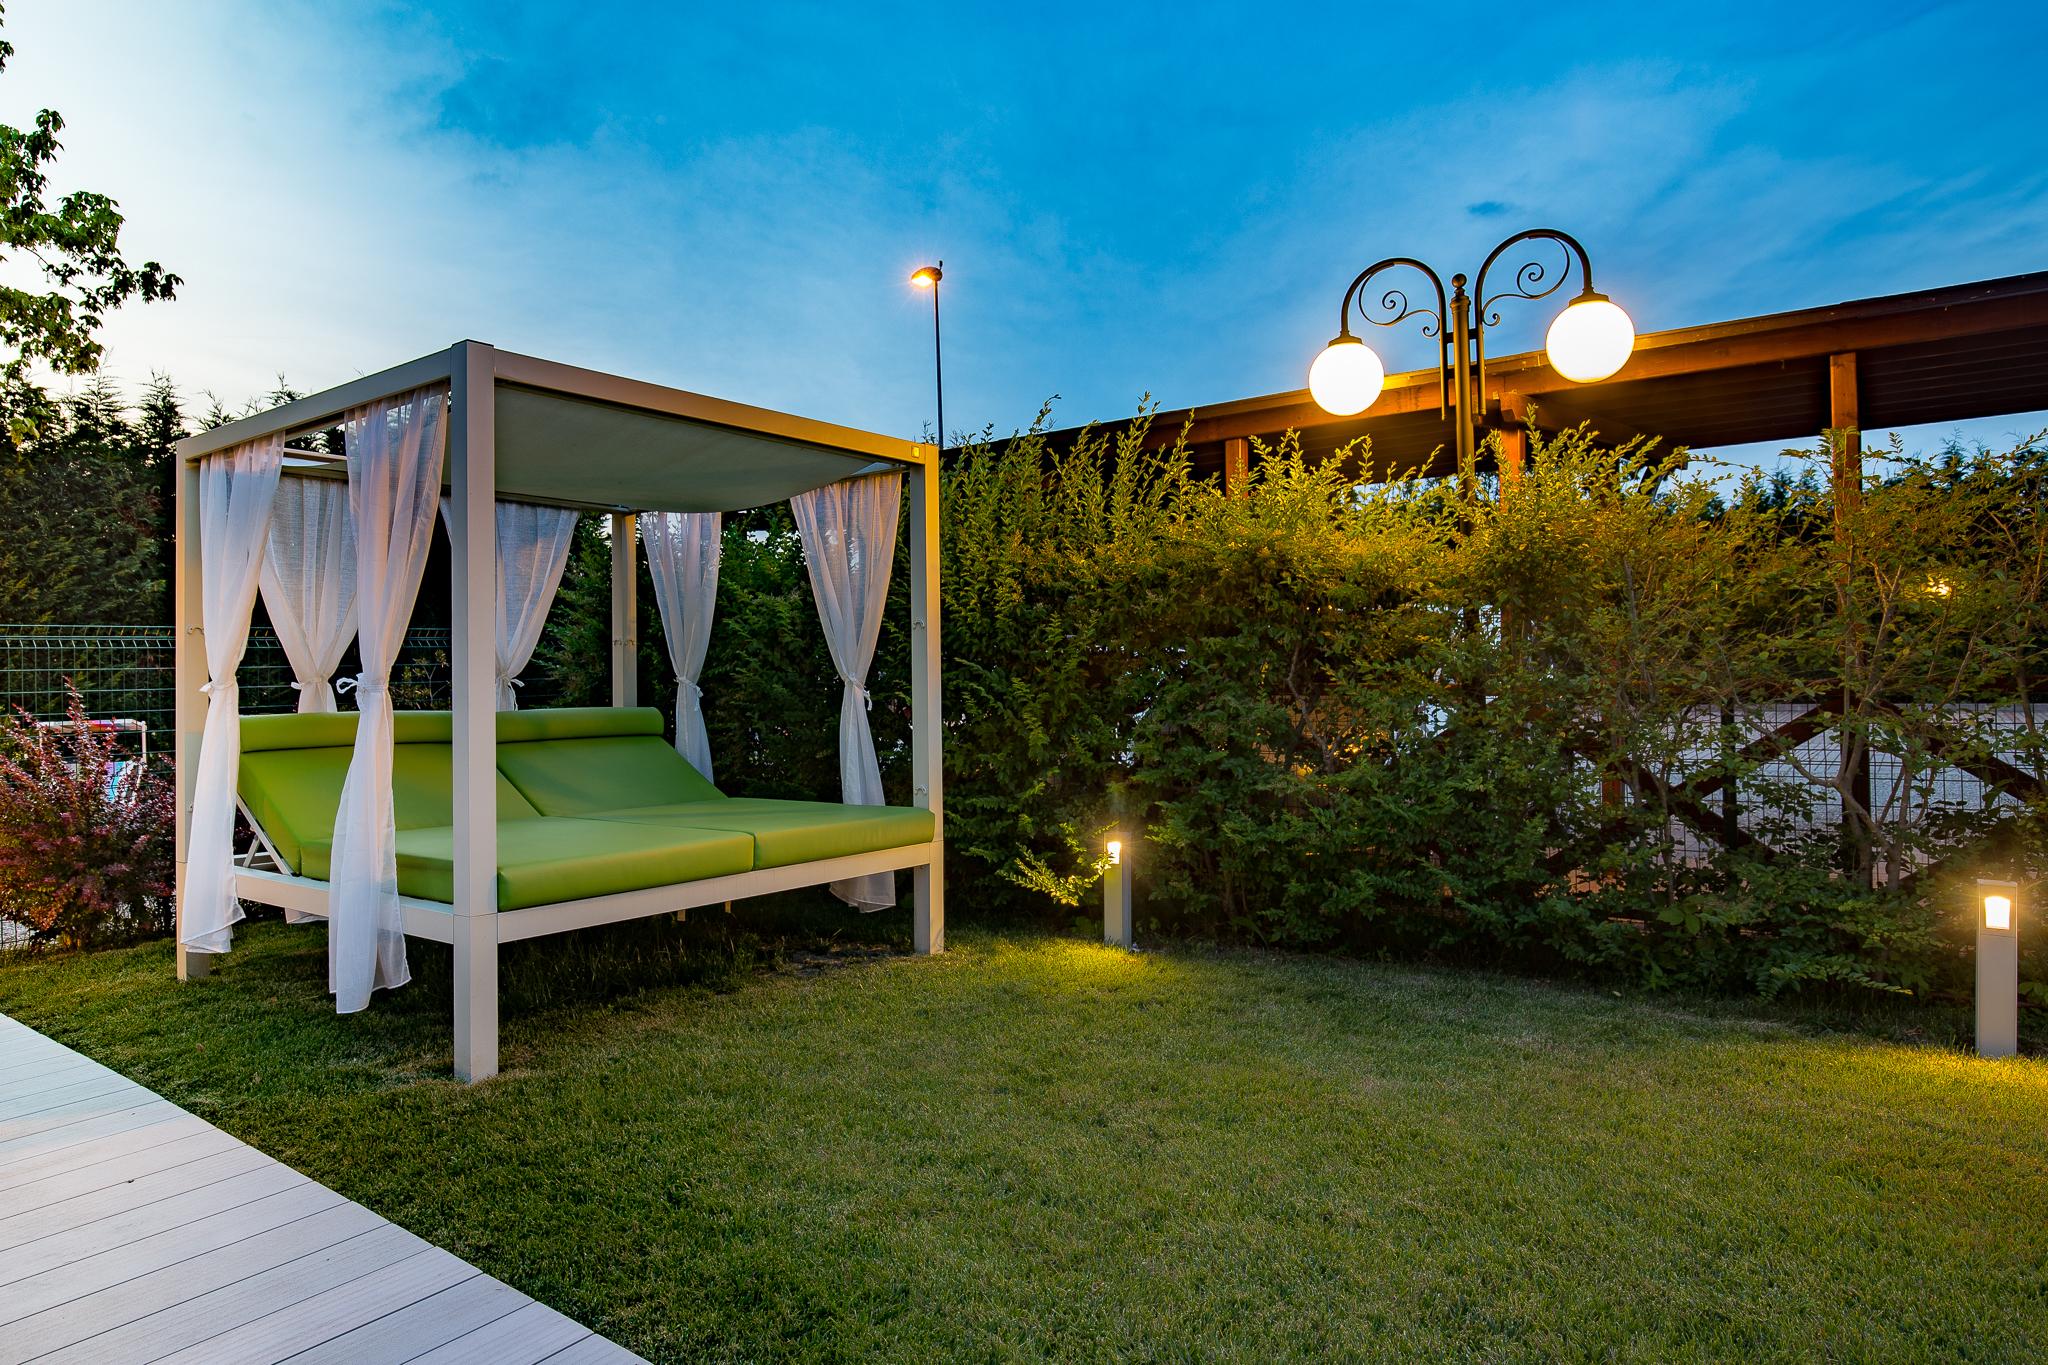 hotel_castello-0728-HDR-165